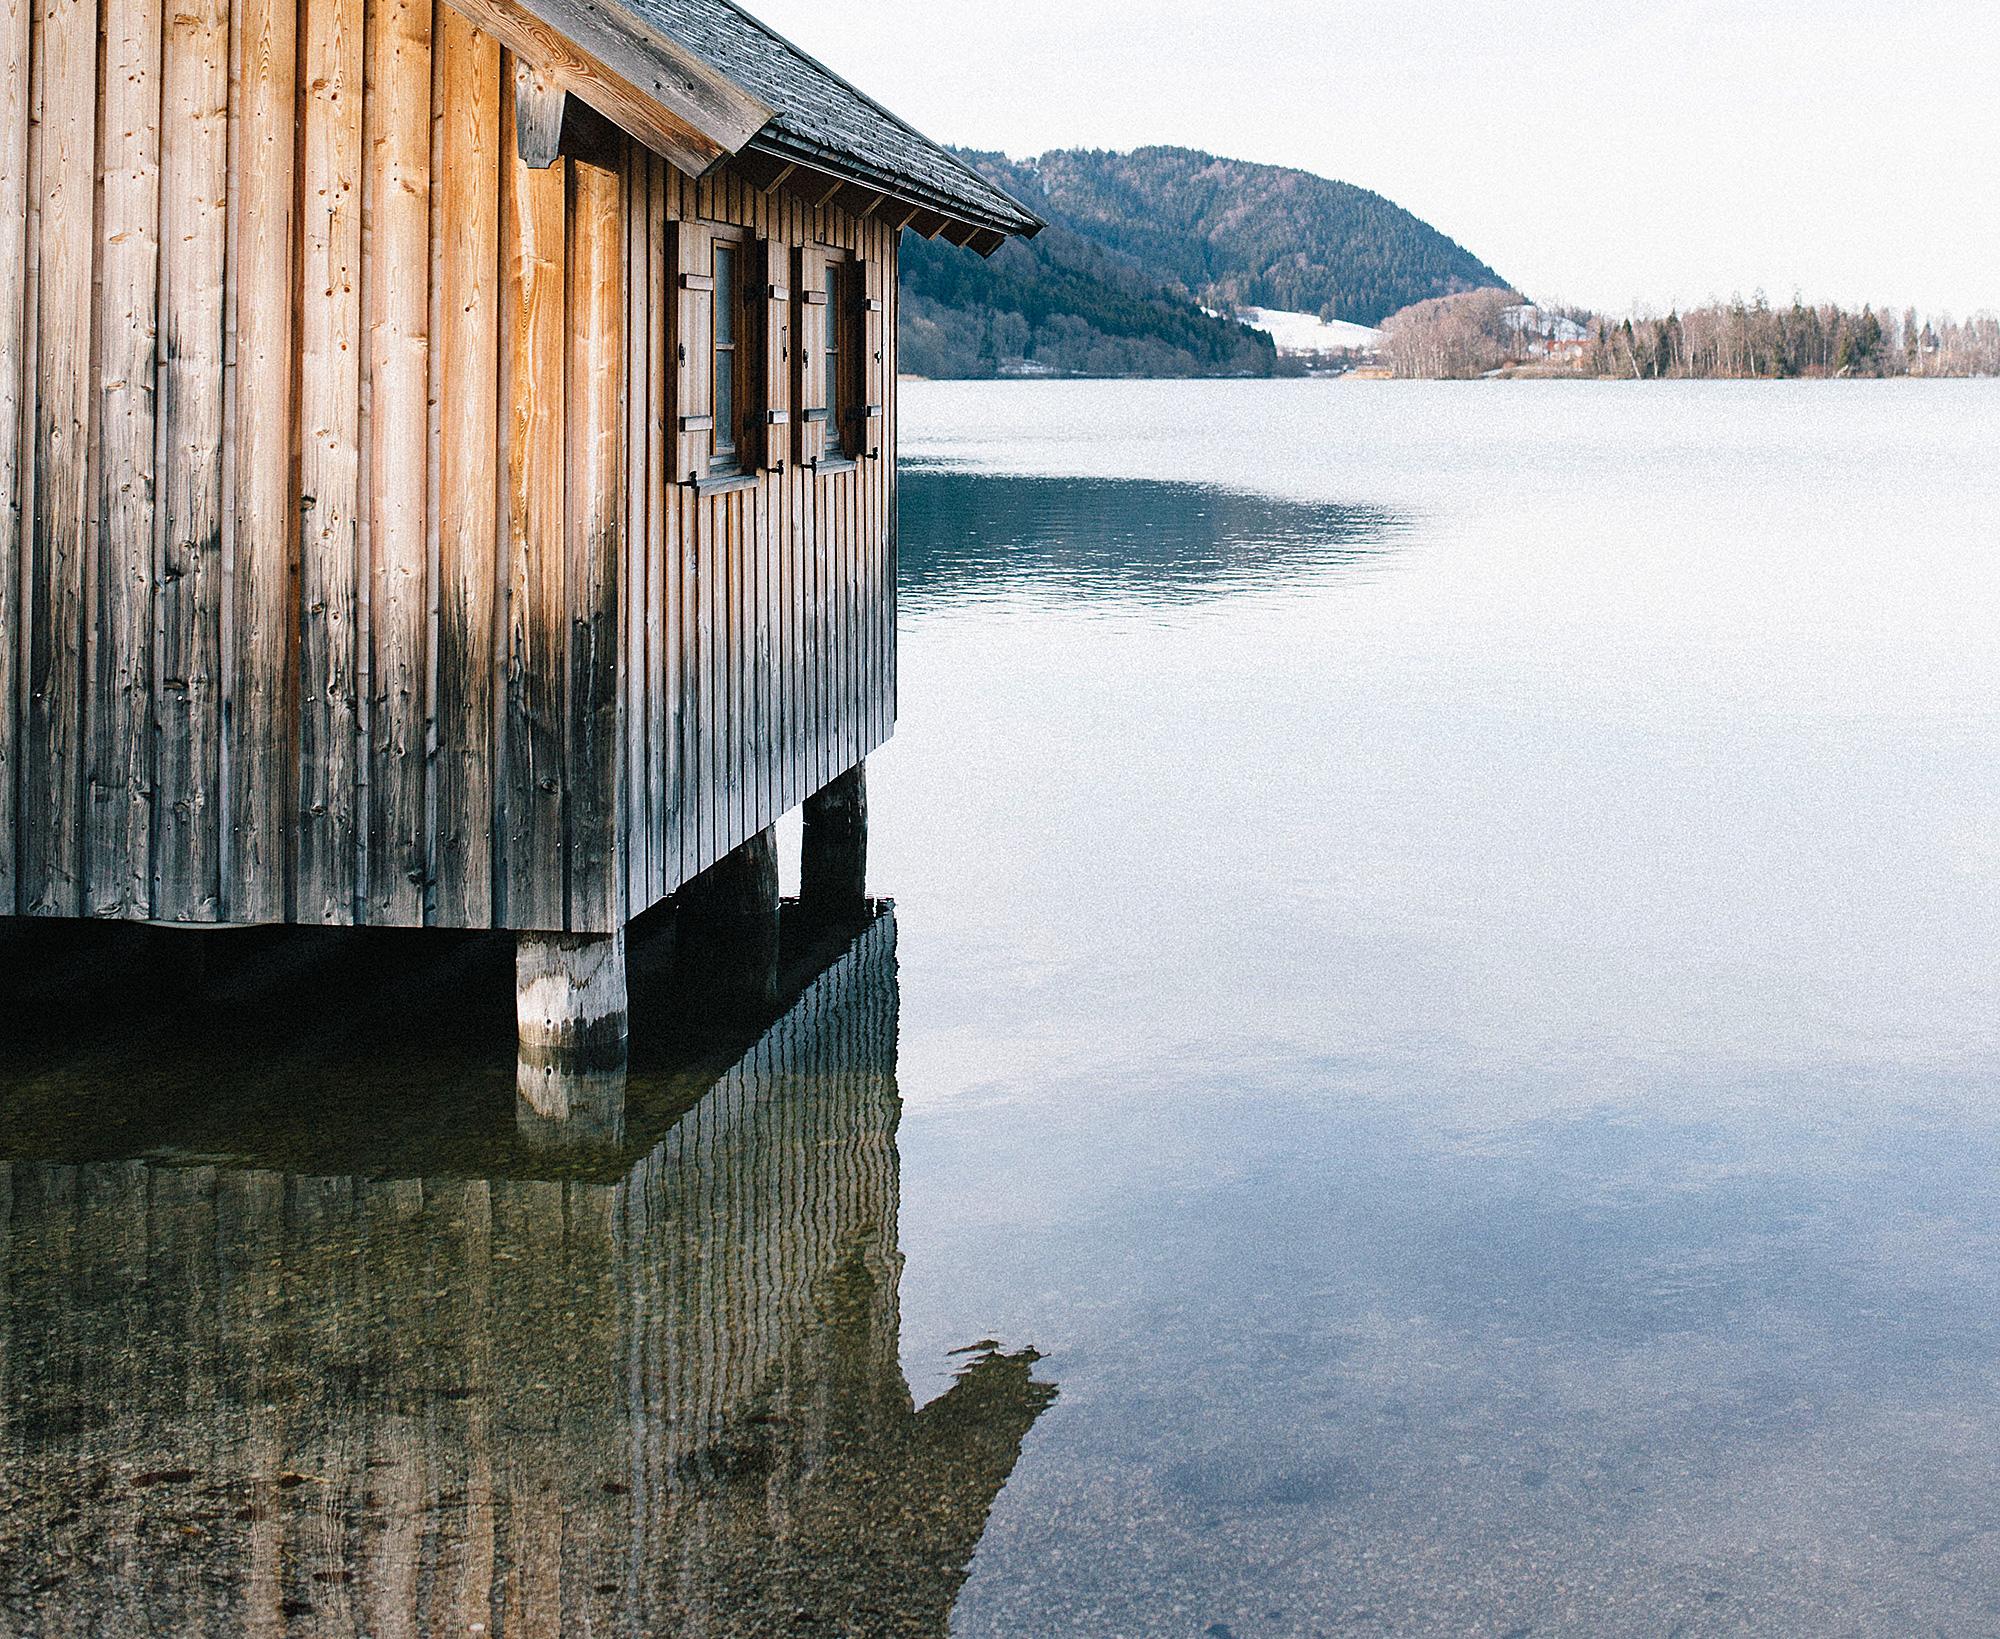 Der Schliersee mit seinem klaren Wasser erinnert an einen österreichischen Bergsee